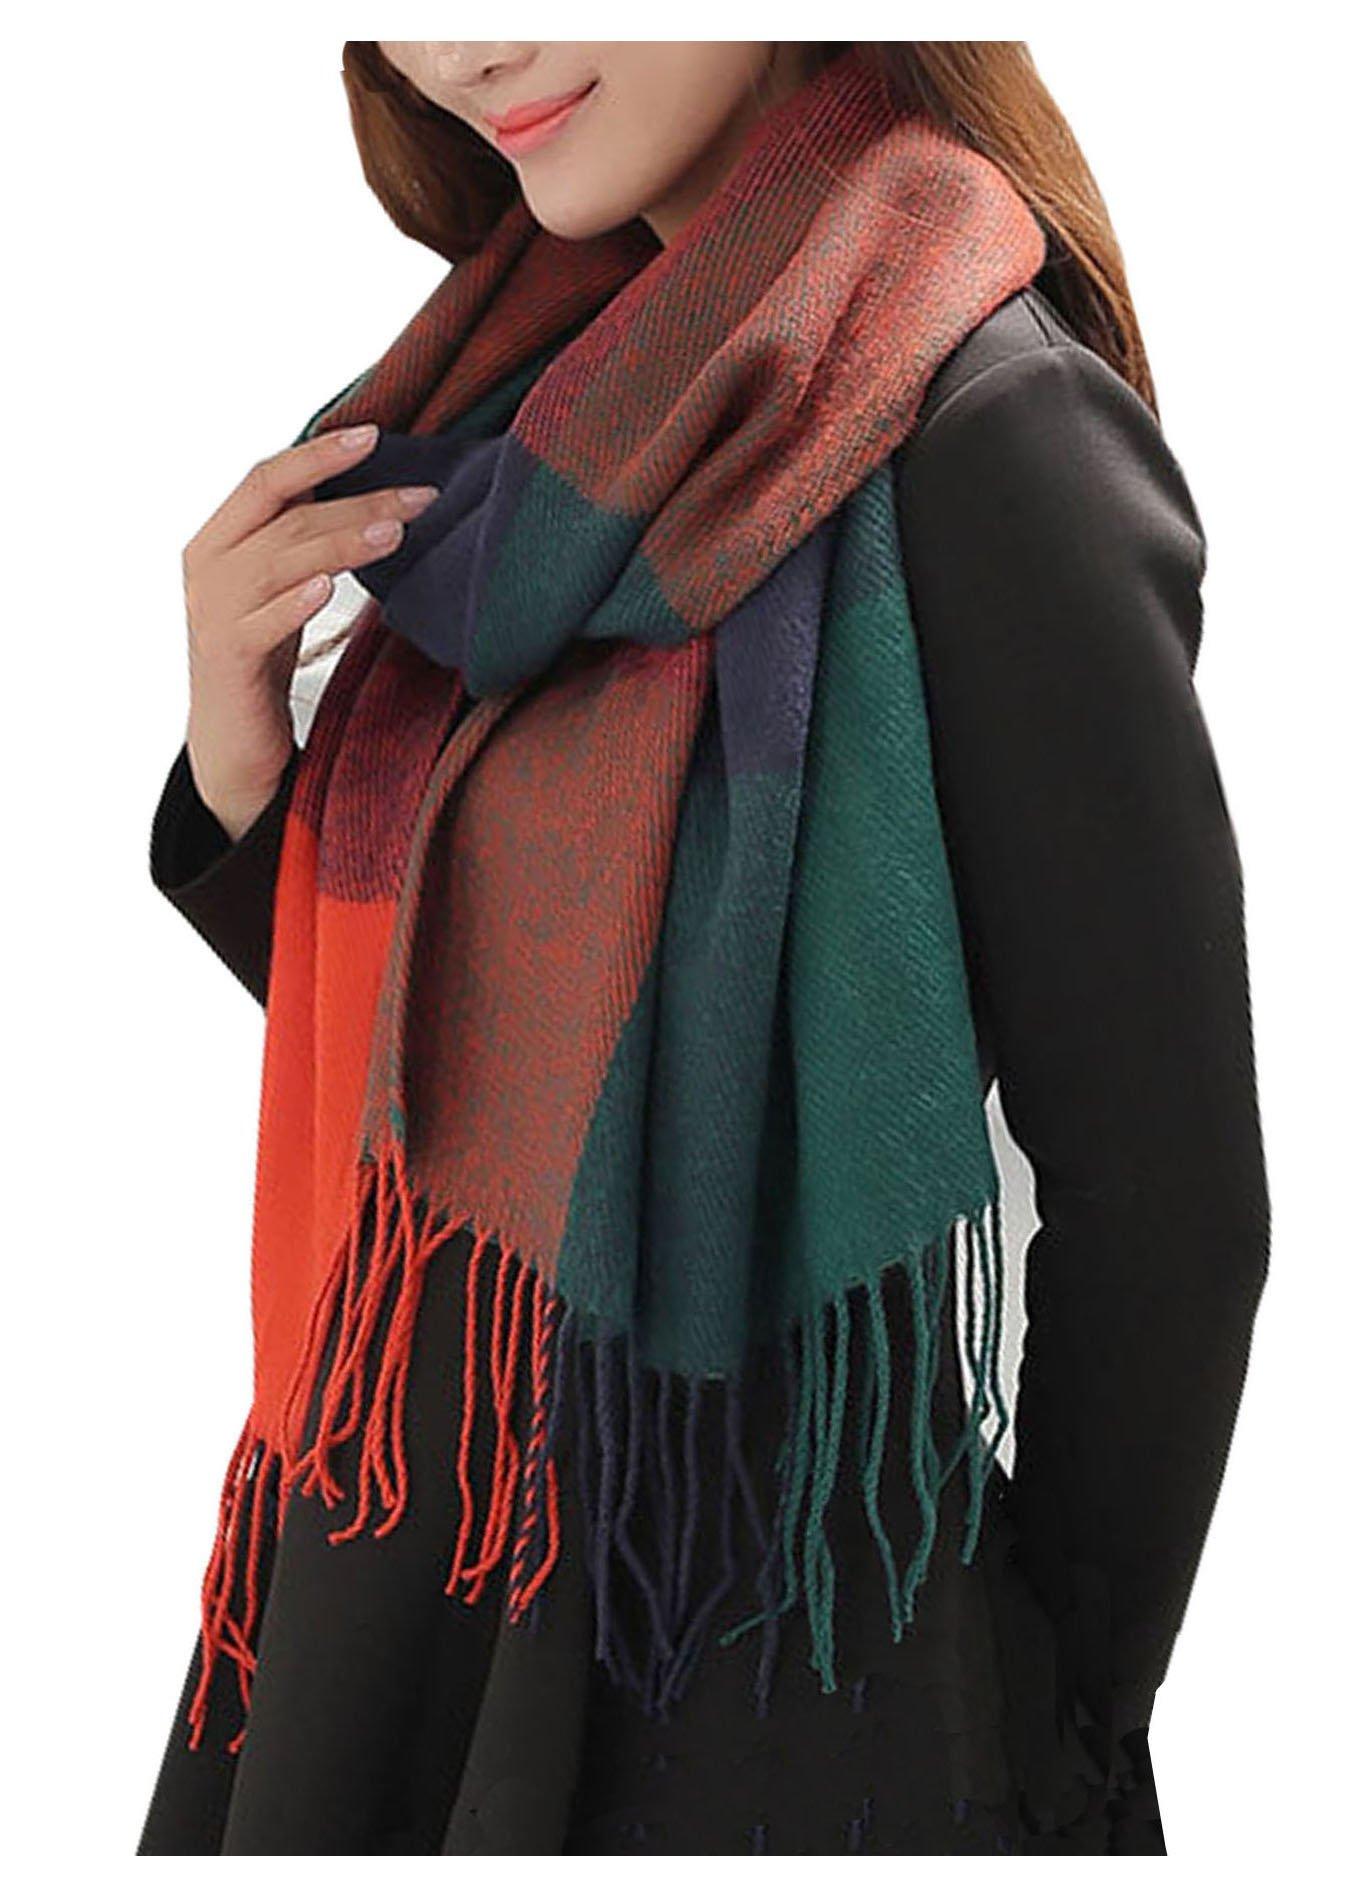 Wander Agio Women's Fashion Long Shawl Big Grid Winter Warm Lattice Large Scarf Orange Blue by Wander Agio